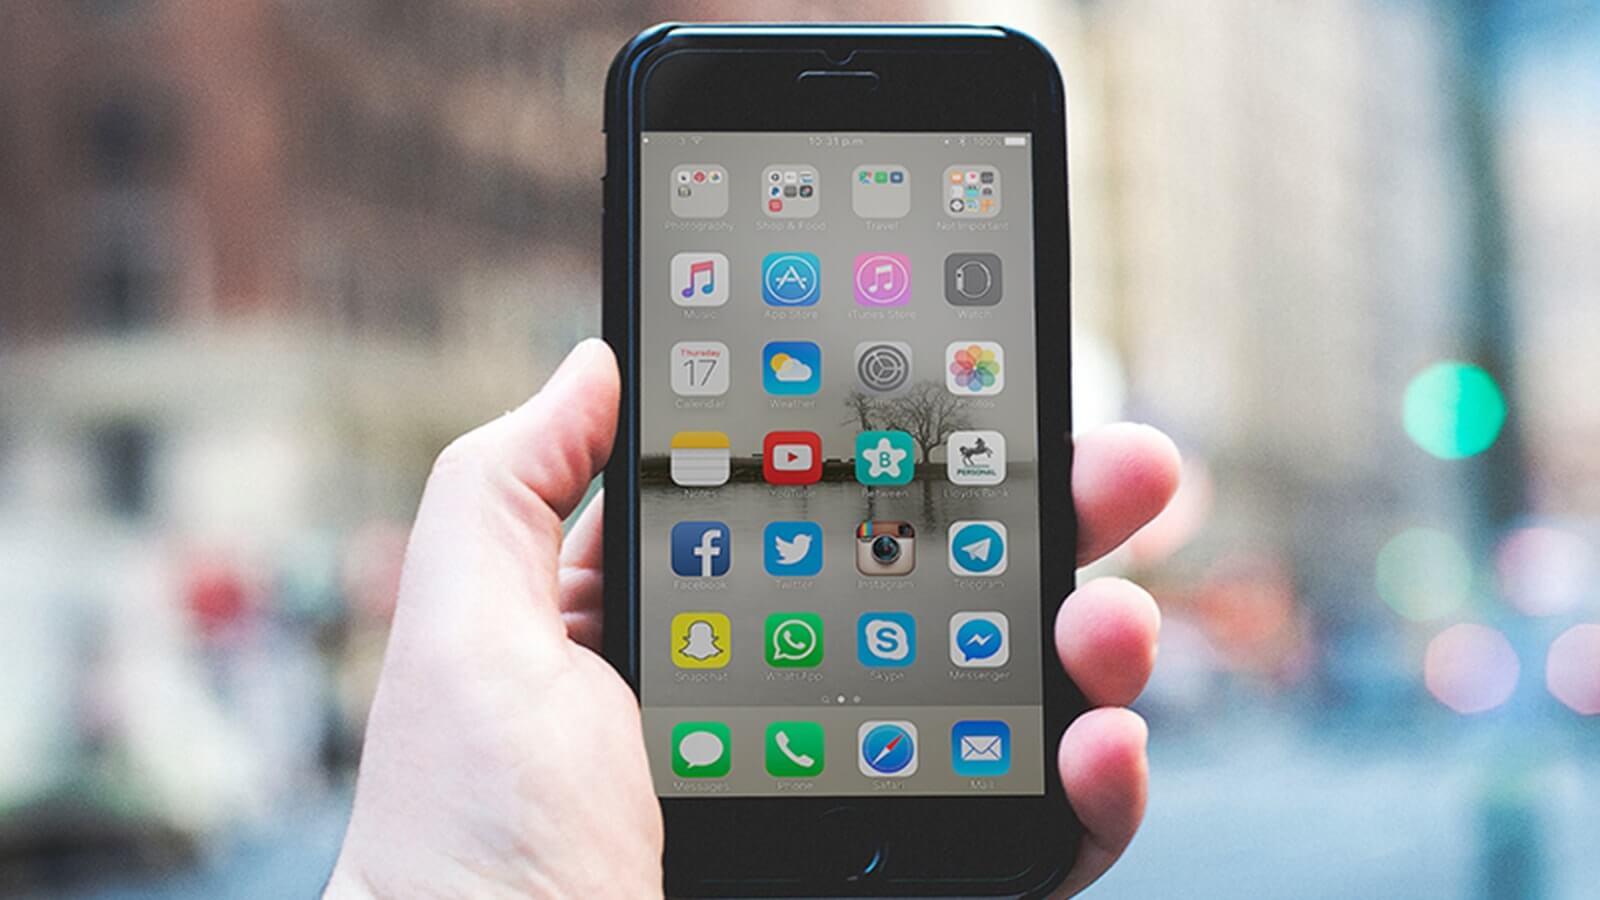 iPhone【ホーム画面】整理術|断捨離してミニマリストに近づこう